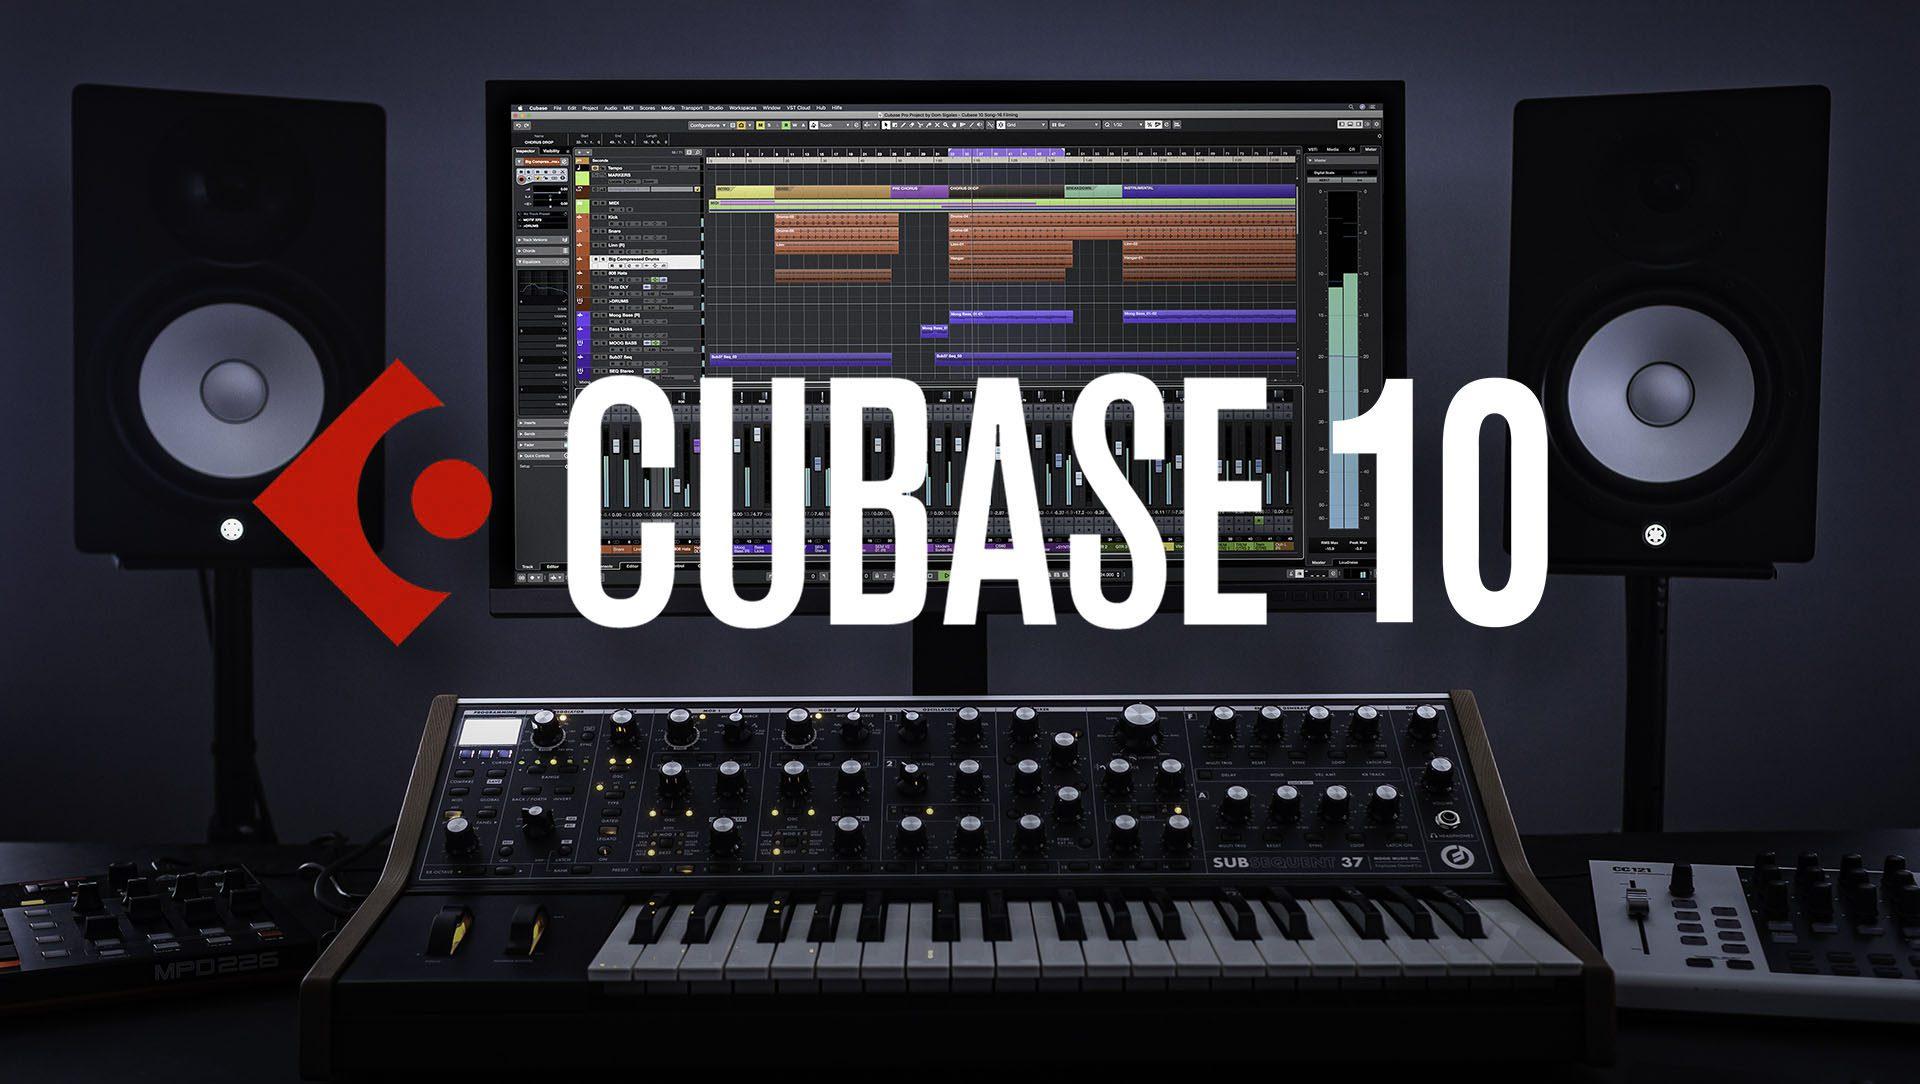 Hướng dẫn tải và cài đặt phần mềm thu âm Cubase 10 PRO